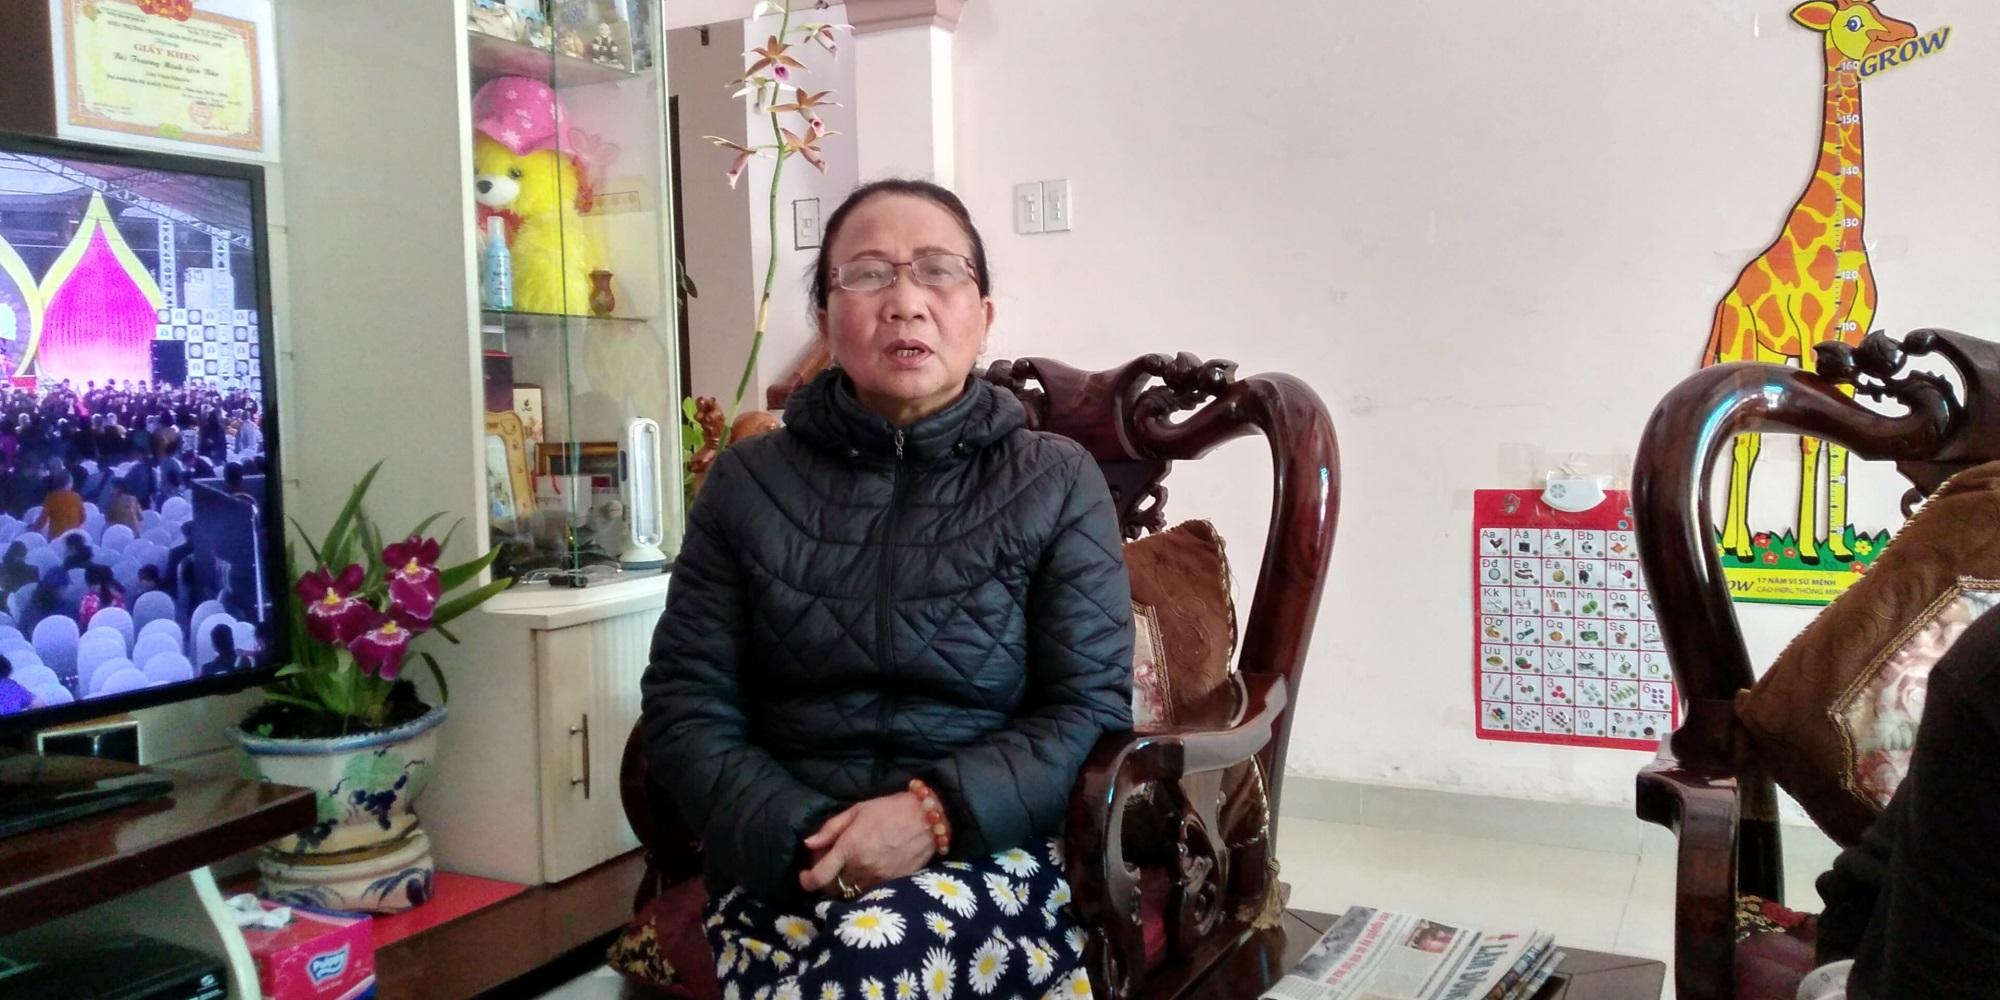 Người phụ nữ 'hồi sinh' sau 3 lần phẫu thuật ung thư vú, ung thư cổ tử cung - Ảnh 1